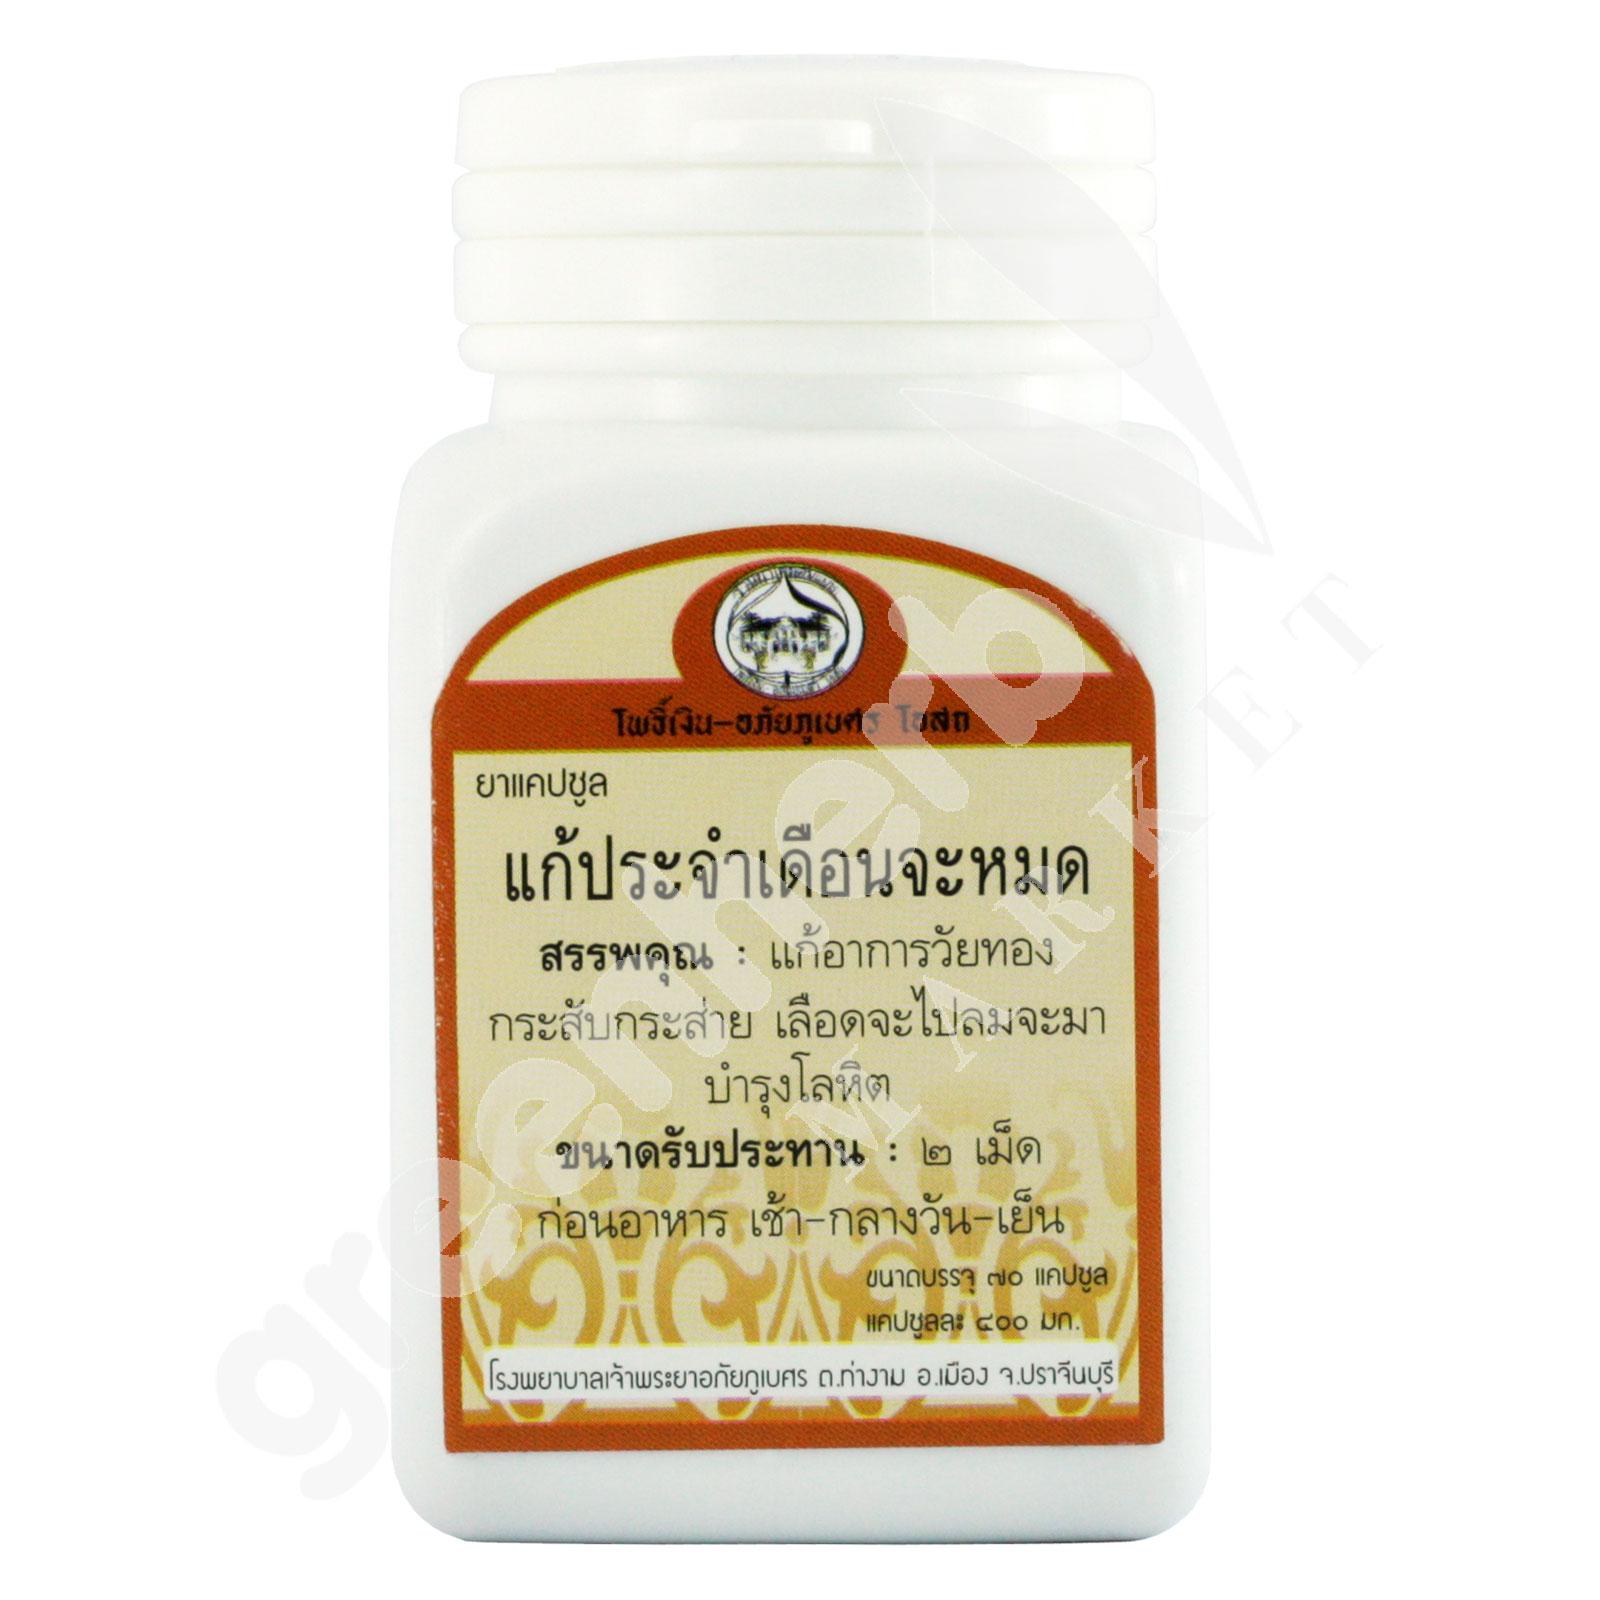 ยาแคปซูลแก้ประจำเดือนจะหมด (400 มก. 70 แคปซูล) ร้านยาไทยโพธิ์เงิน - อภัยภูเบศร โอสถ